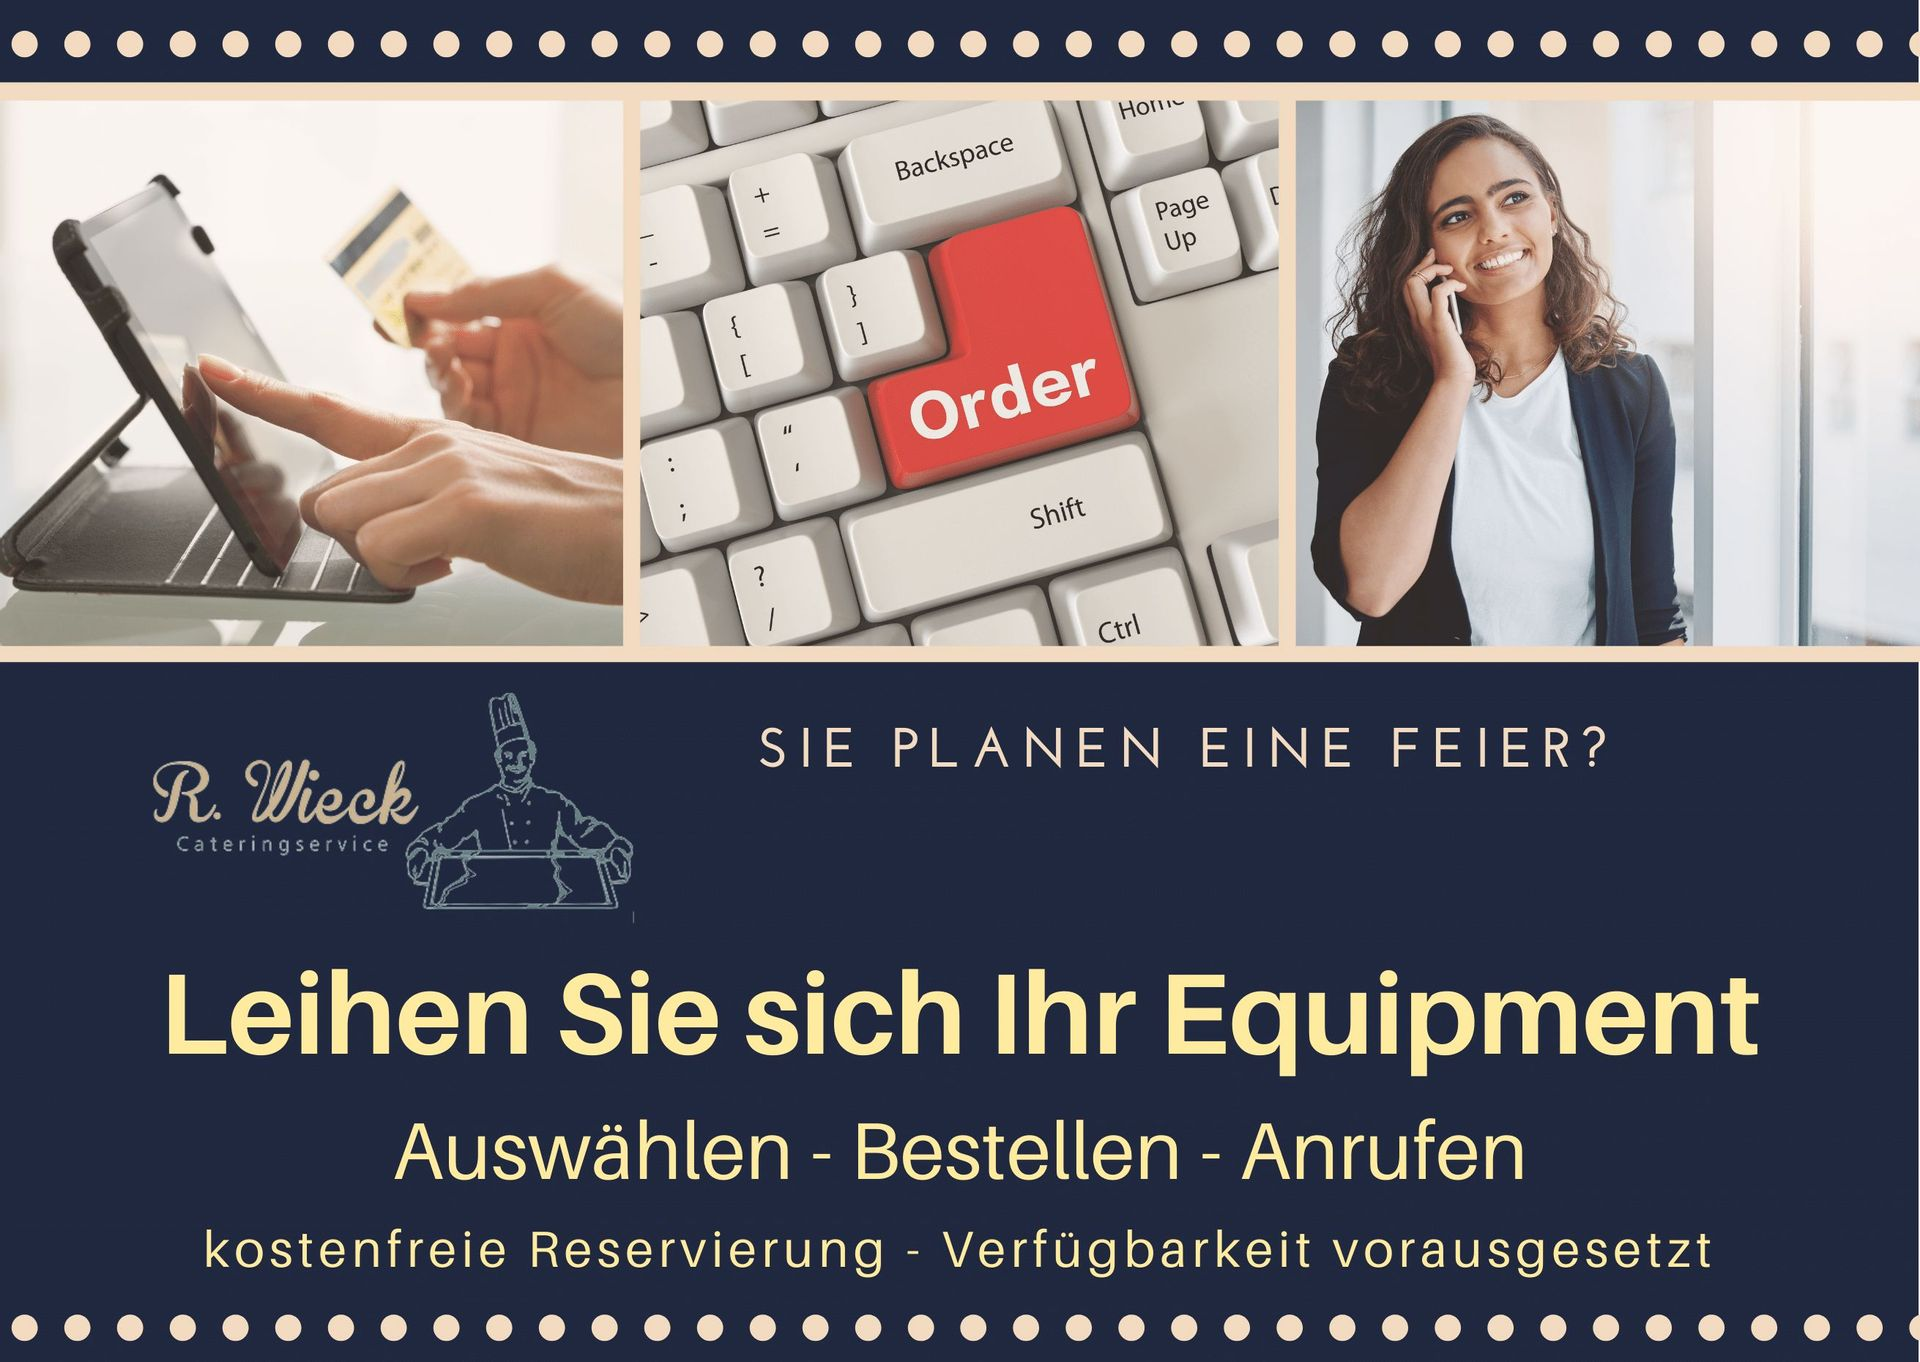 Verleihservice Wieck - Catering-Equipment für